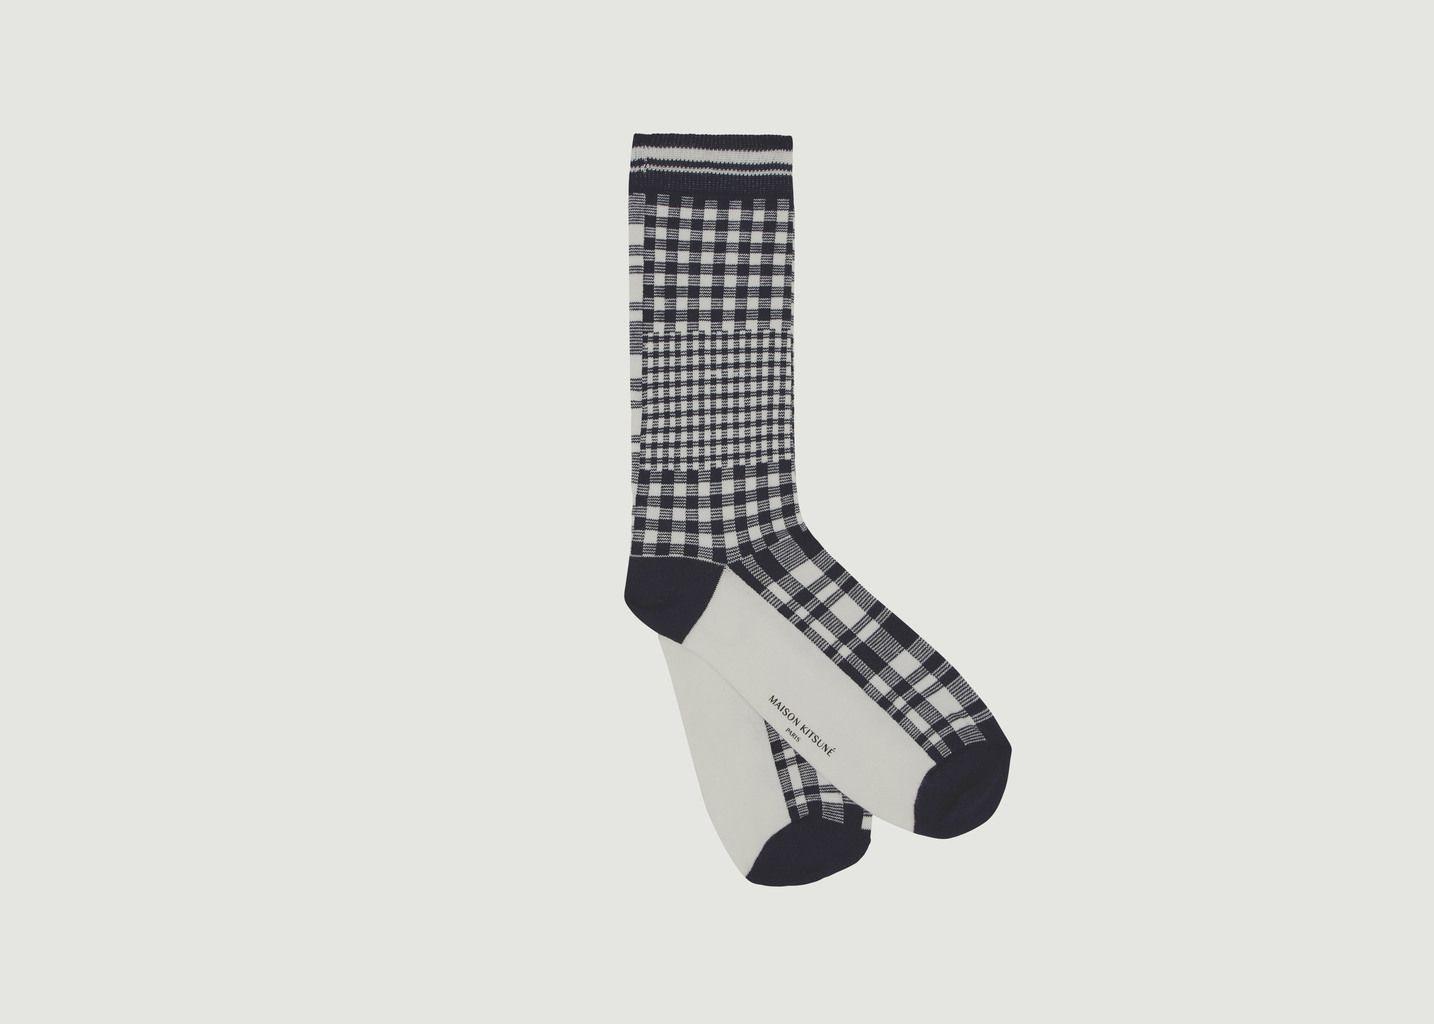 Chaussettes à Carreaux - Maison Kitsuné